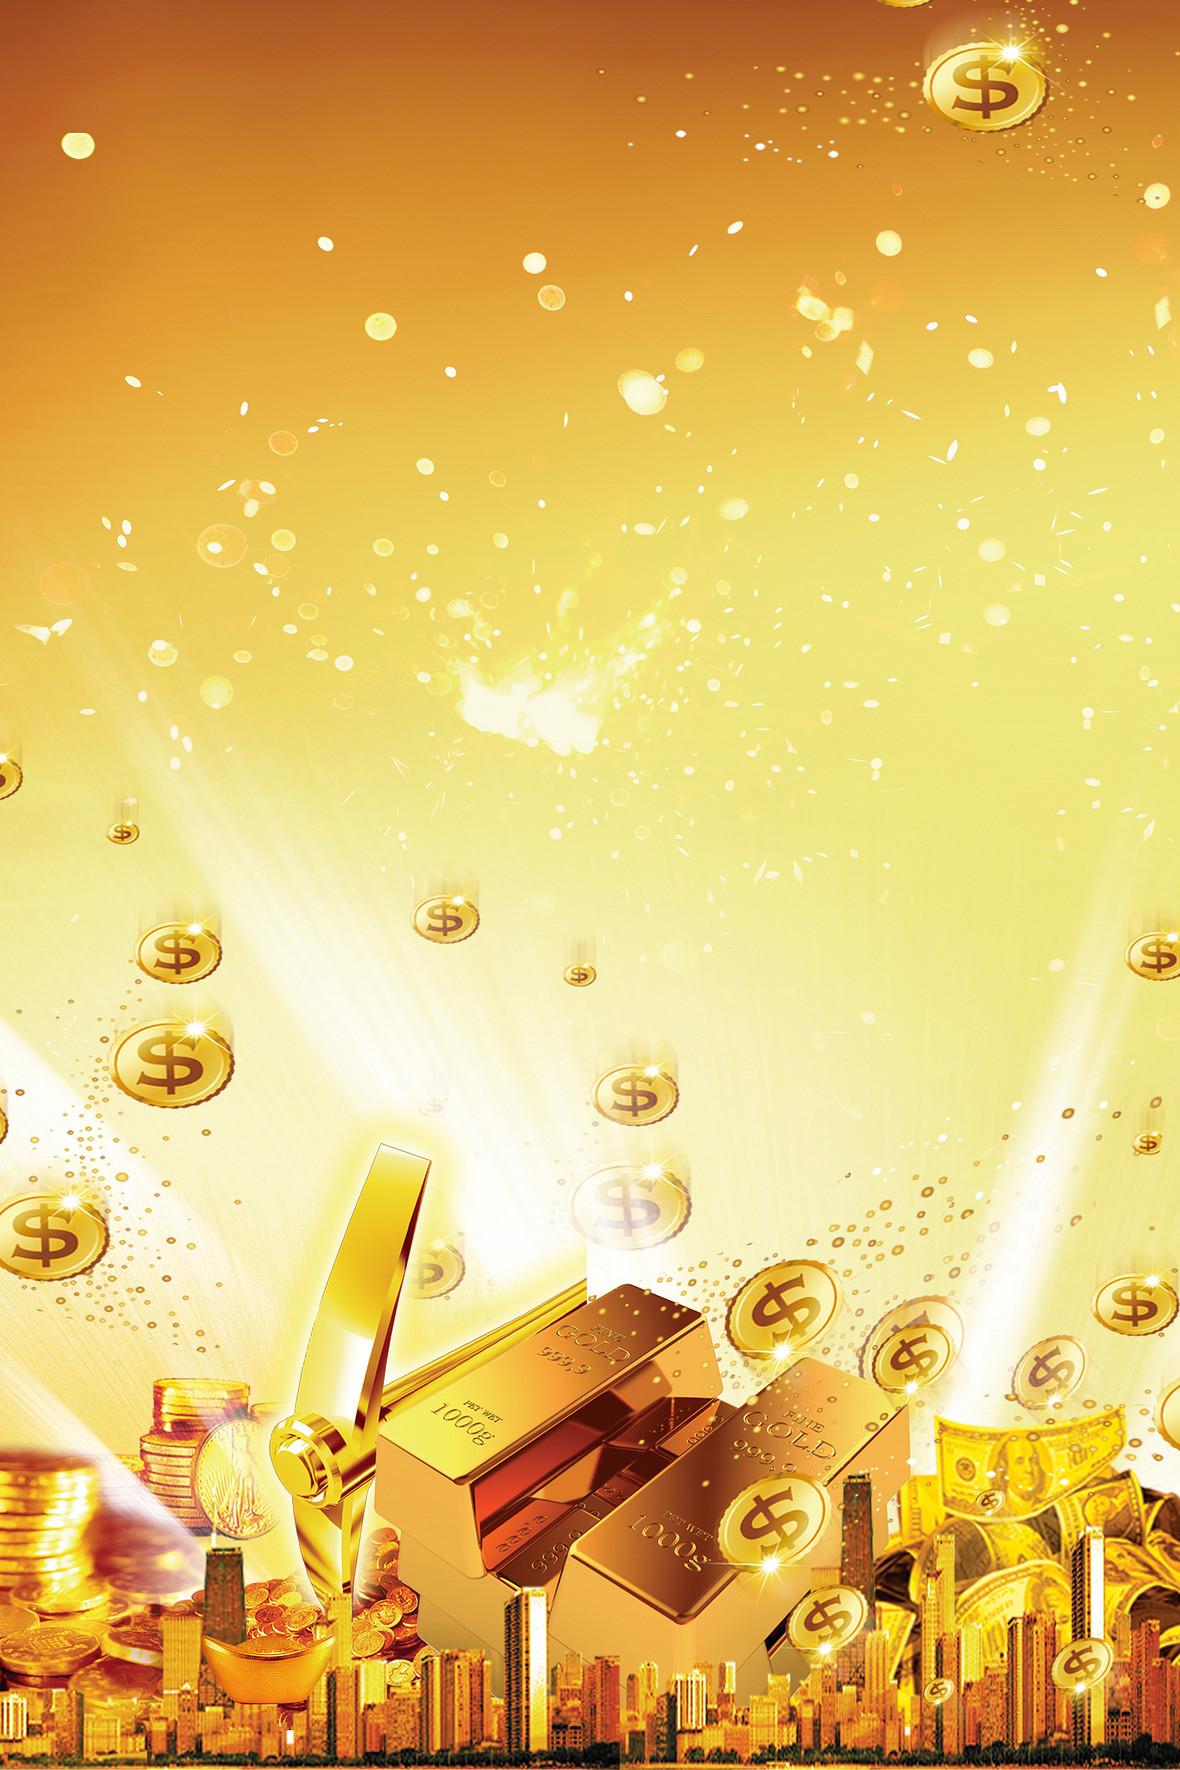 黄金金币贷款按揭金融理财海报背景素材